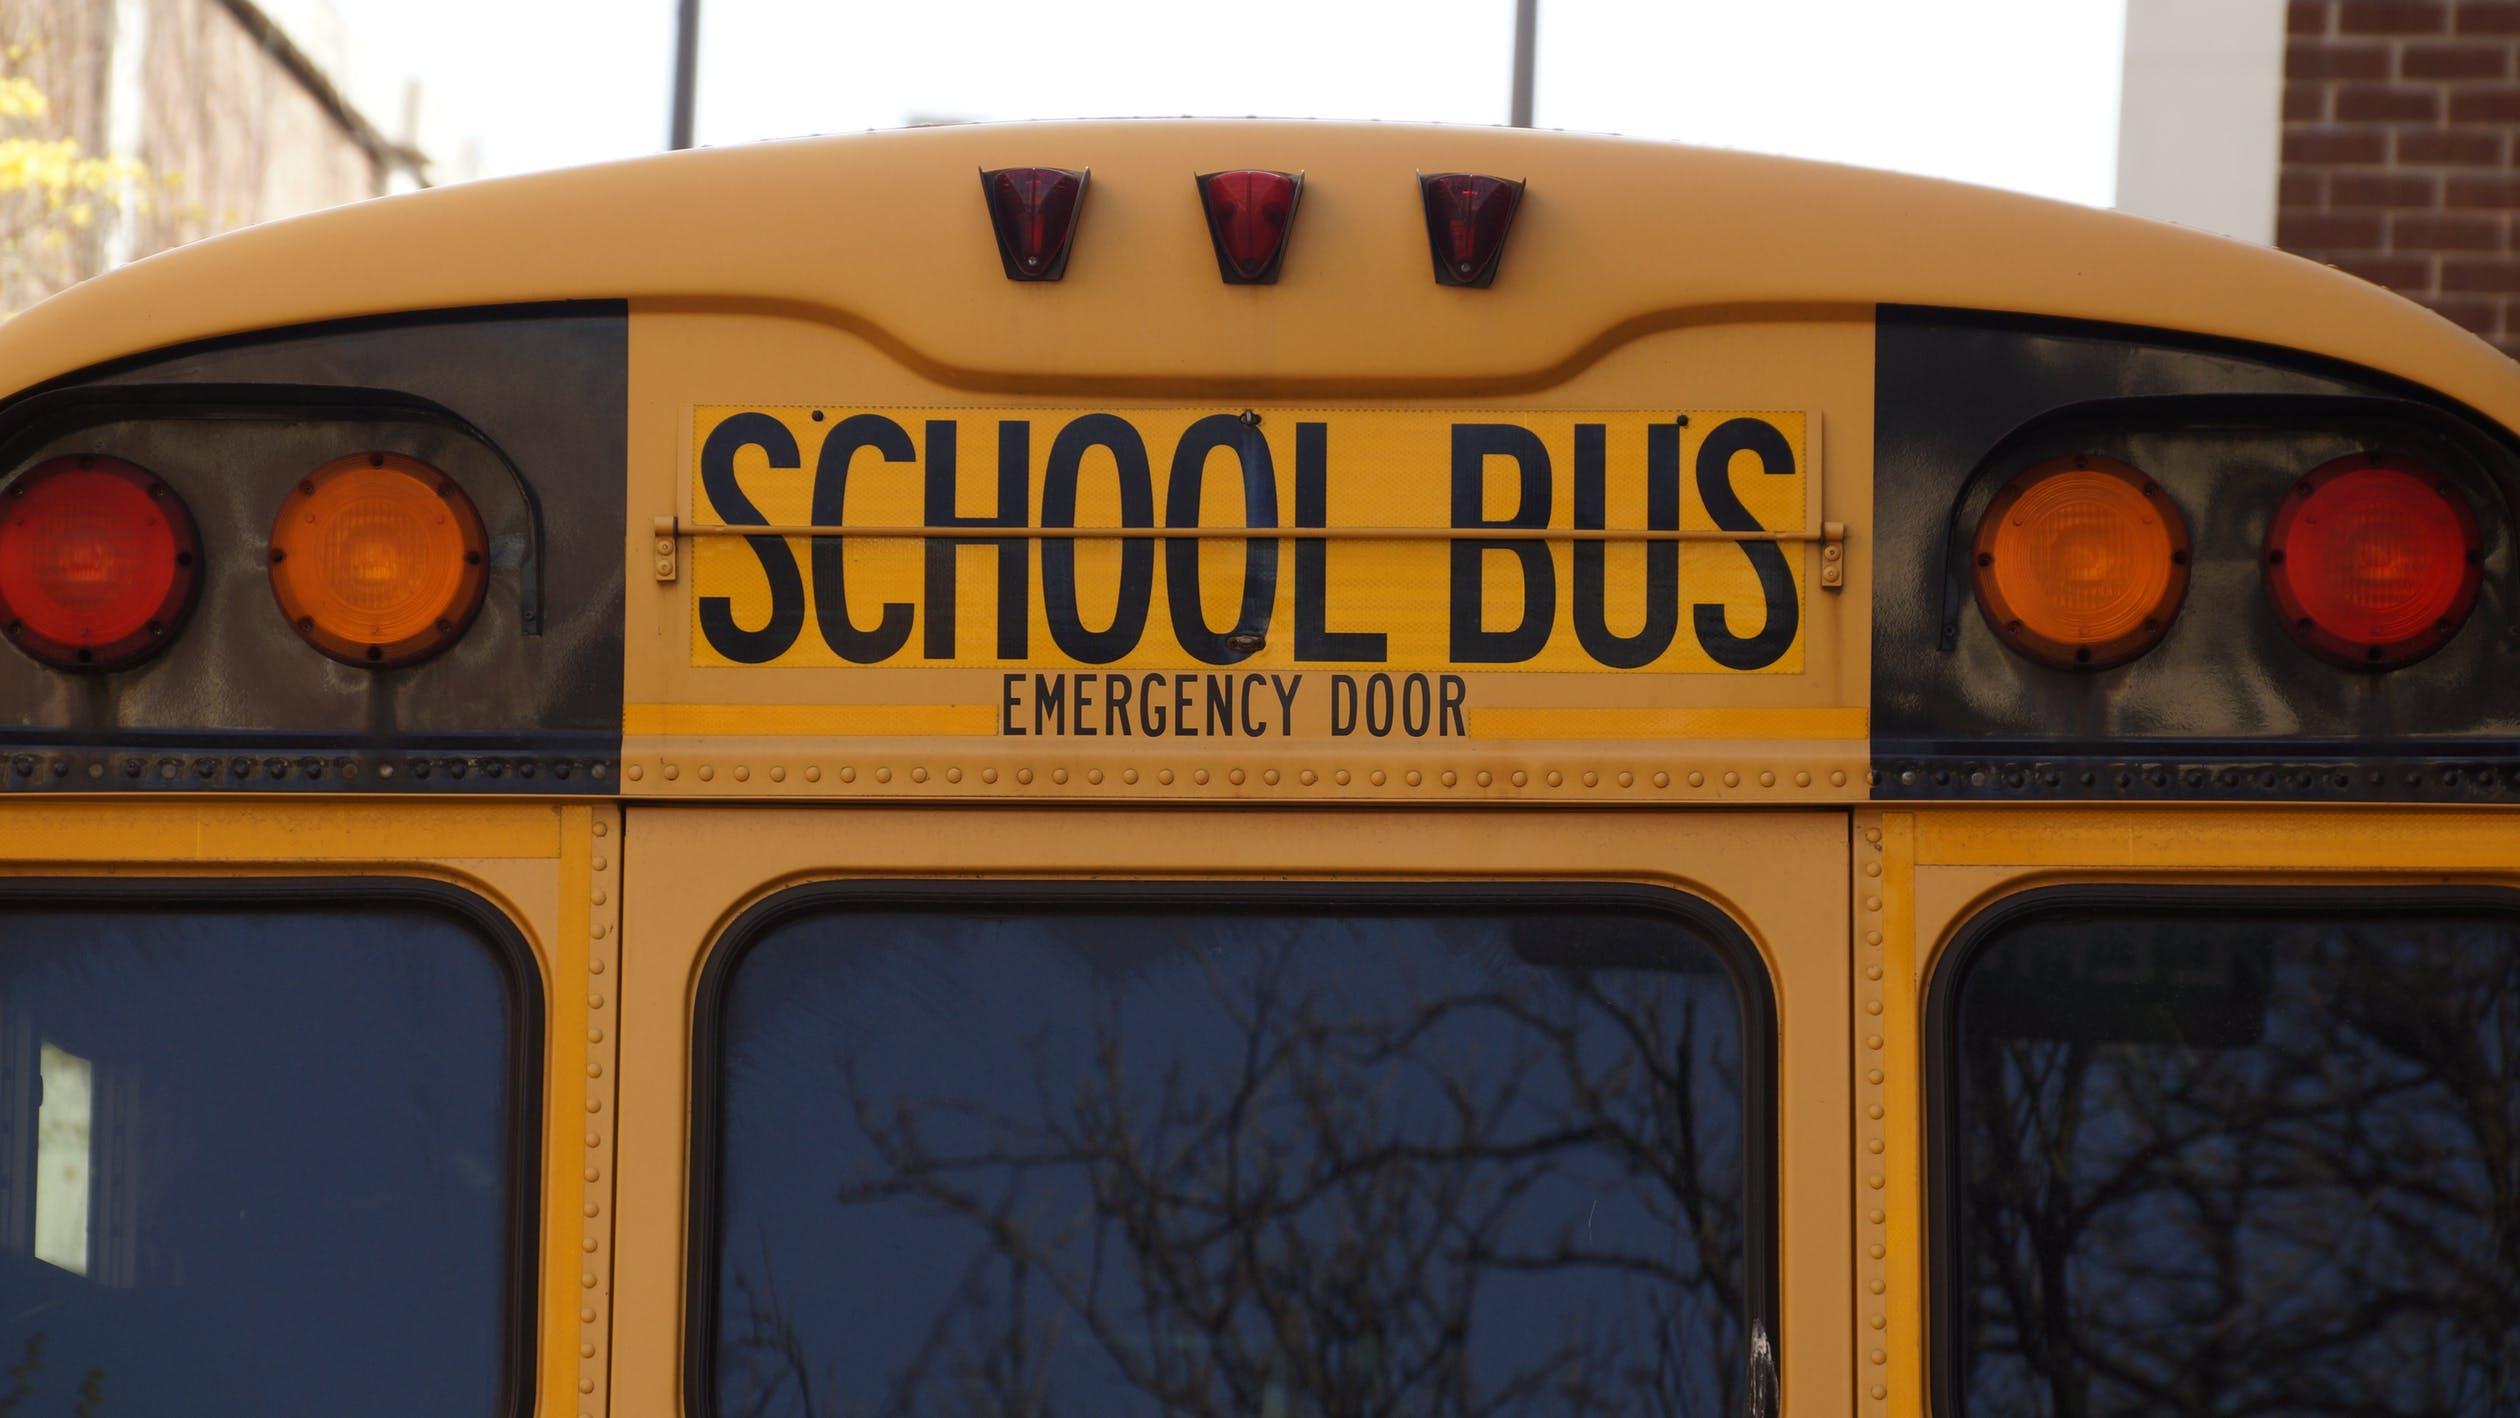 मात्र थोड्यावेळाने मुलांना घेऊन बस चालक शाळेत पोहोचला आणि त्याने सर्व प्रकार सांगितला, तेव्हा सारेच खूश झाले. पालकांनीही बस चालकाच्या या कृतीचे कौतुक केले.